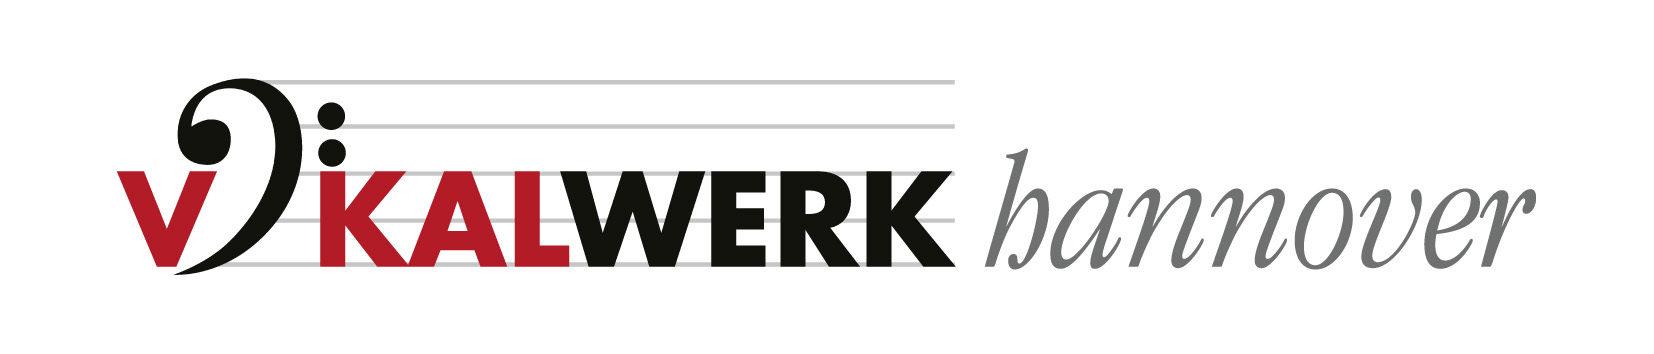 Vokalwerk Hannover